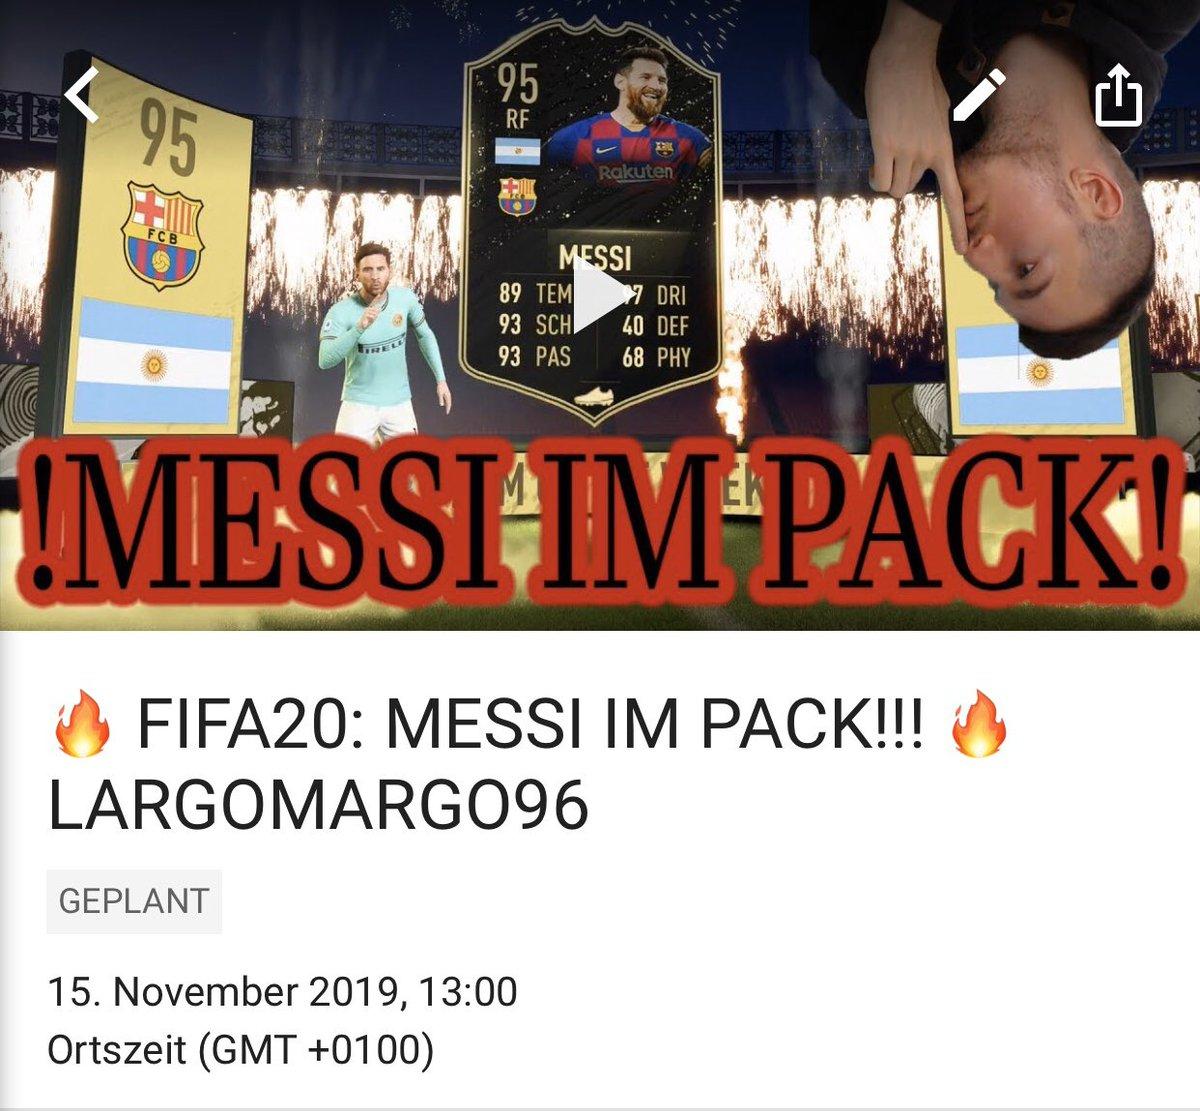 ‼️UM 13UHR GEHT MEIN VIDEO ONLINE‼️ FOLGT UND ABONNIERT AUF YOUTUBE, INSTAGRAM UND TWITCH UM IMMER SUF DEM NEUSTEN STAND ZU SEIN! #walkout #video #inform #messi #fifa20 #new #packs #coins #fut #ultimate #team #hot #incredible